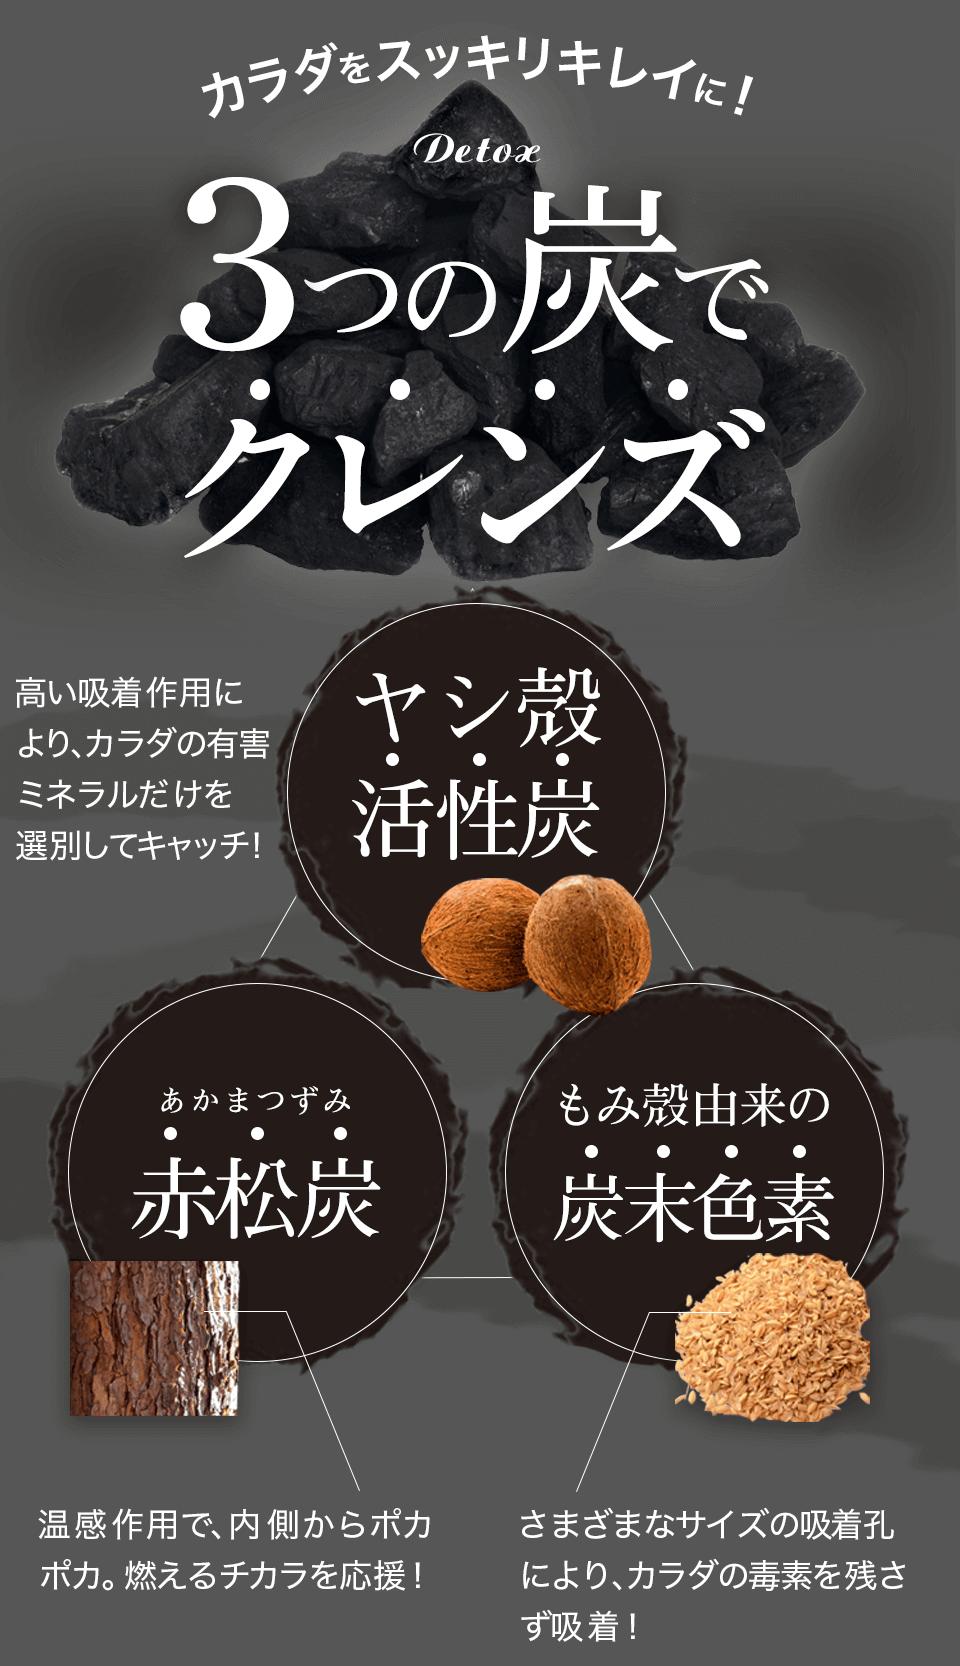 黒汁クレンズ ダイエット 炭成分効果